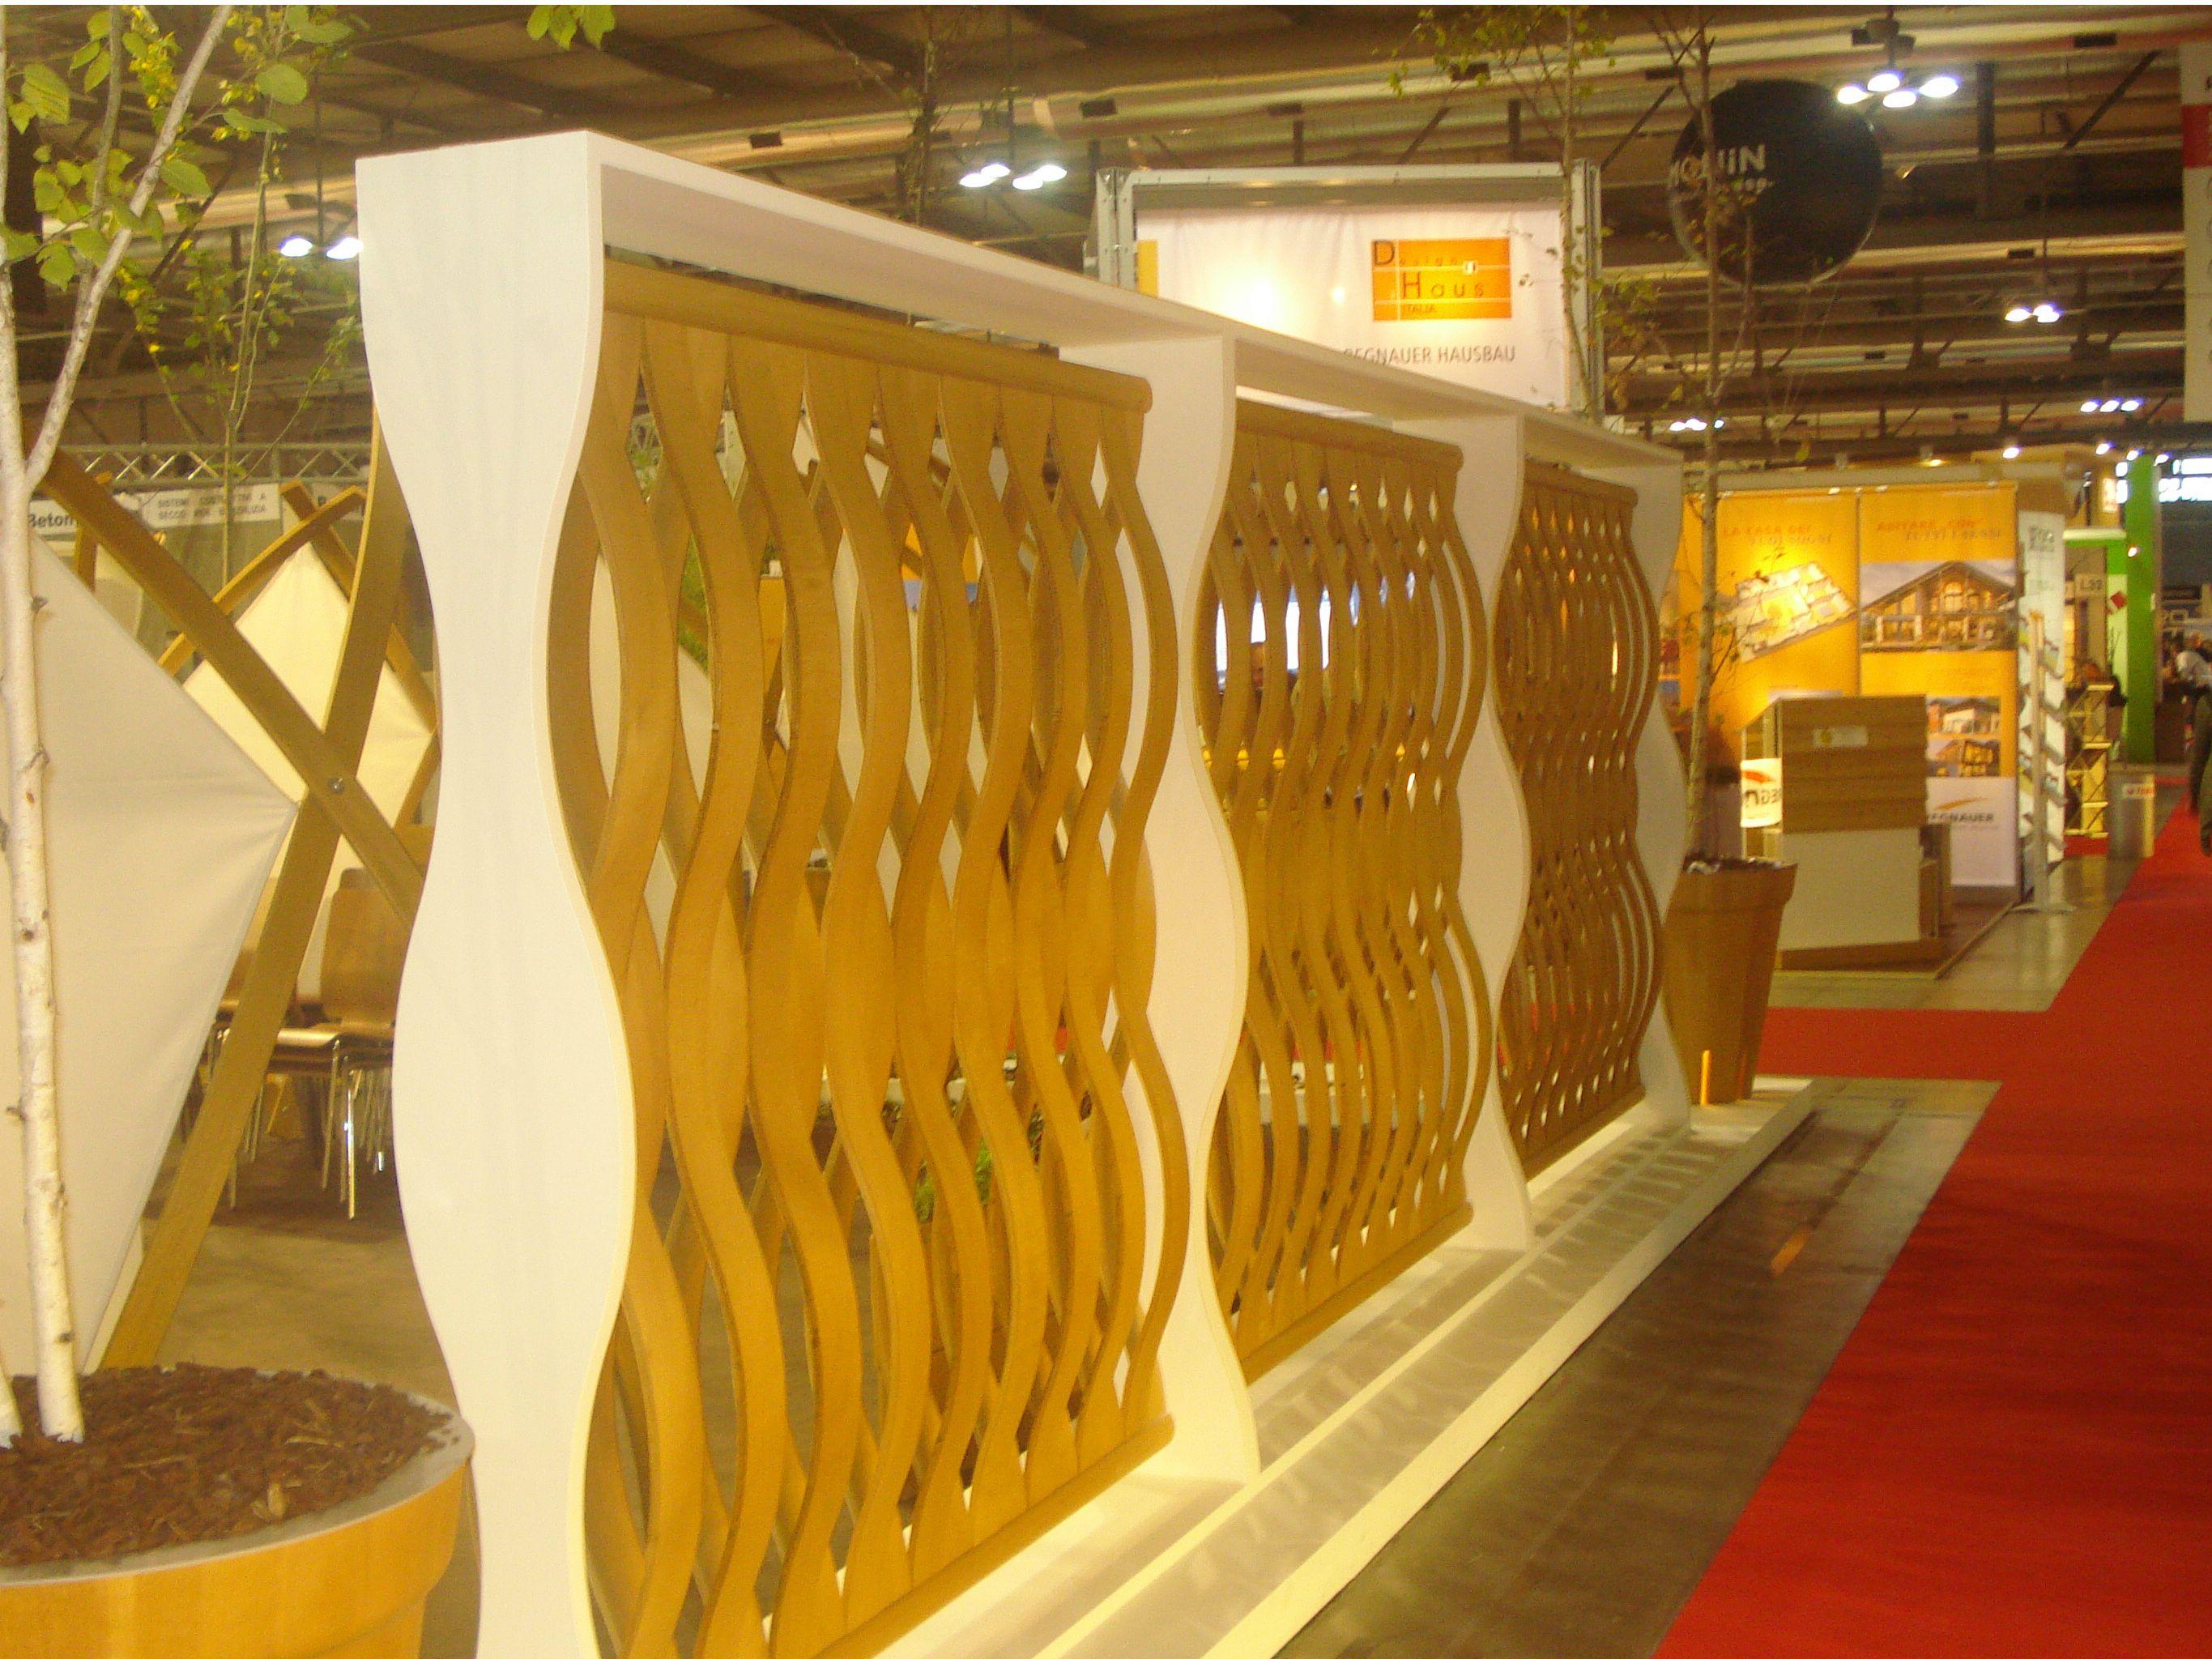 cloison de jardin secret by ddf design leonardo perugi. Black Bedroom Furniture Sets. Home Design Ideas